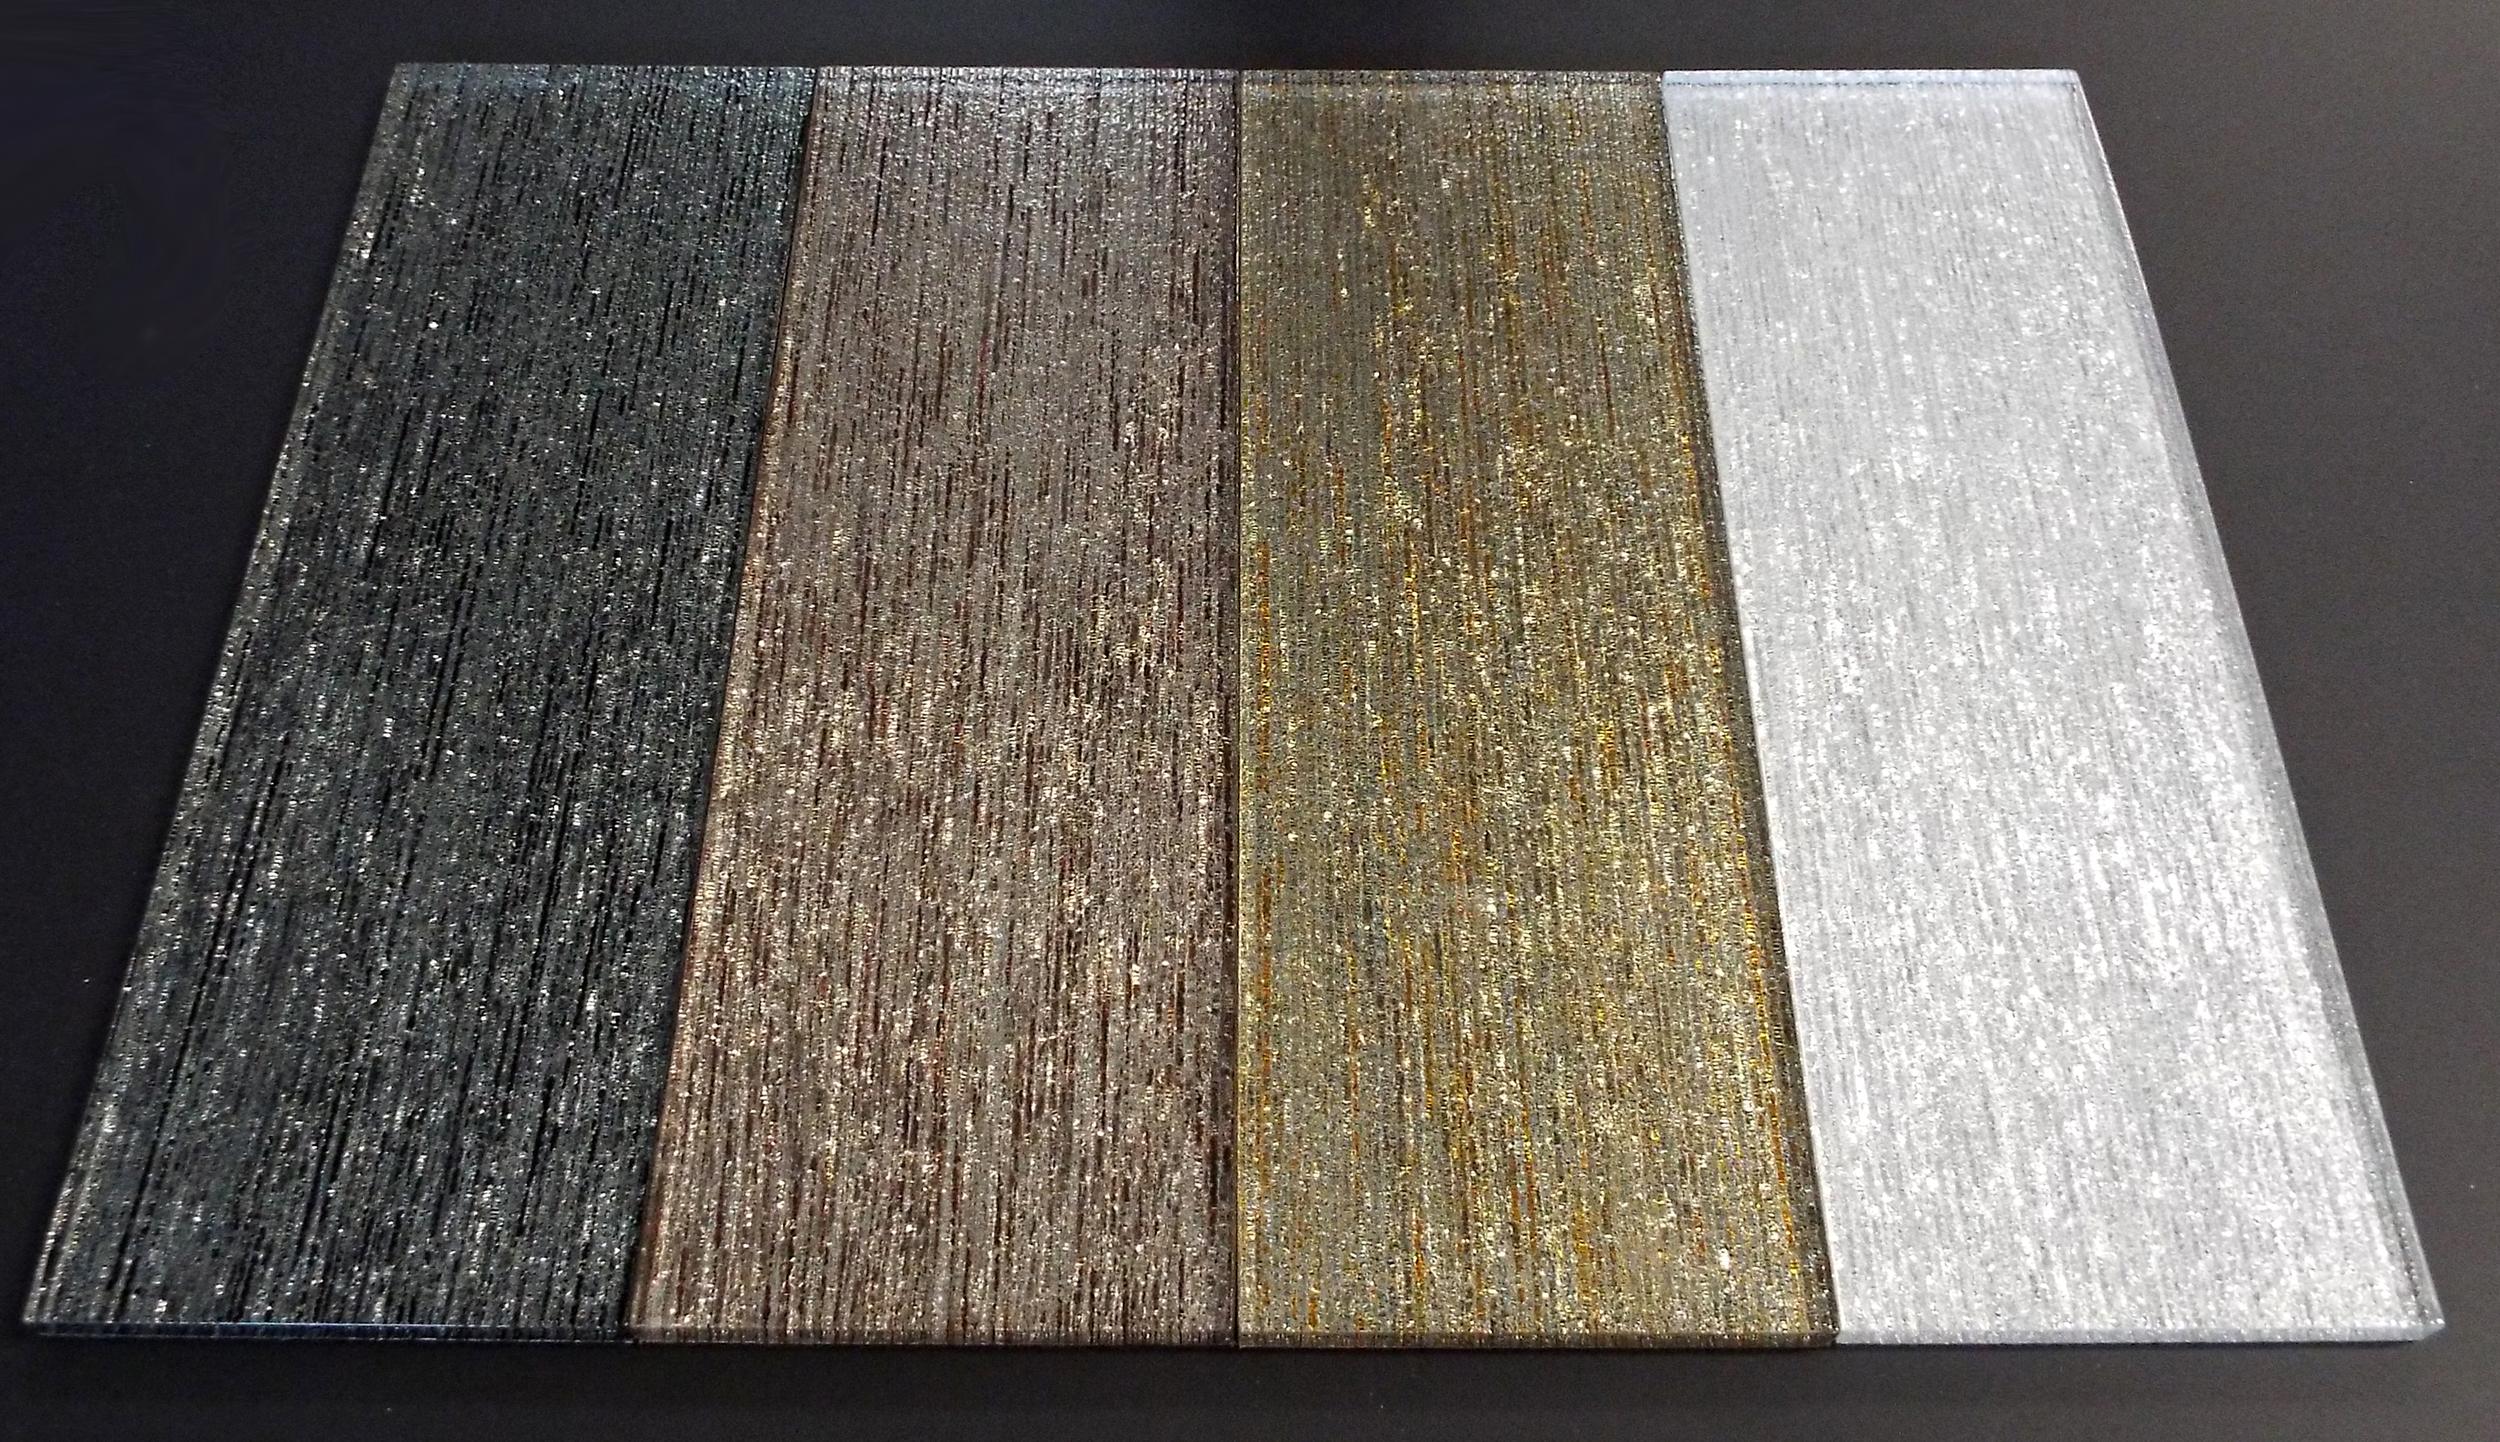 TEXTURED - BLACK / BRONZE / GOLD / SILVER